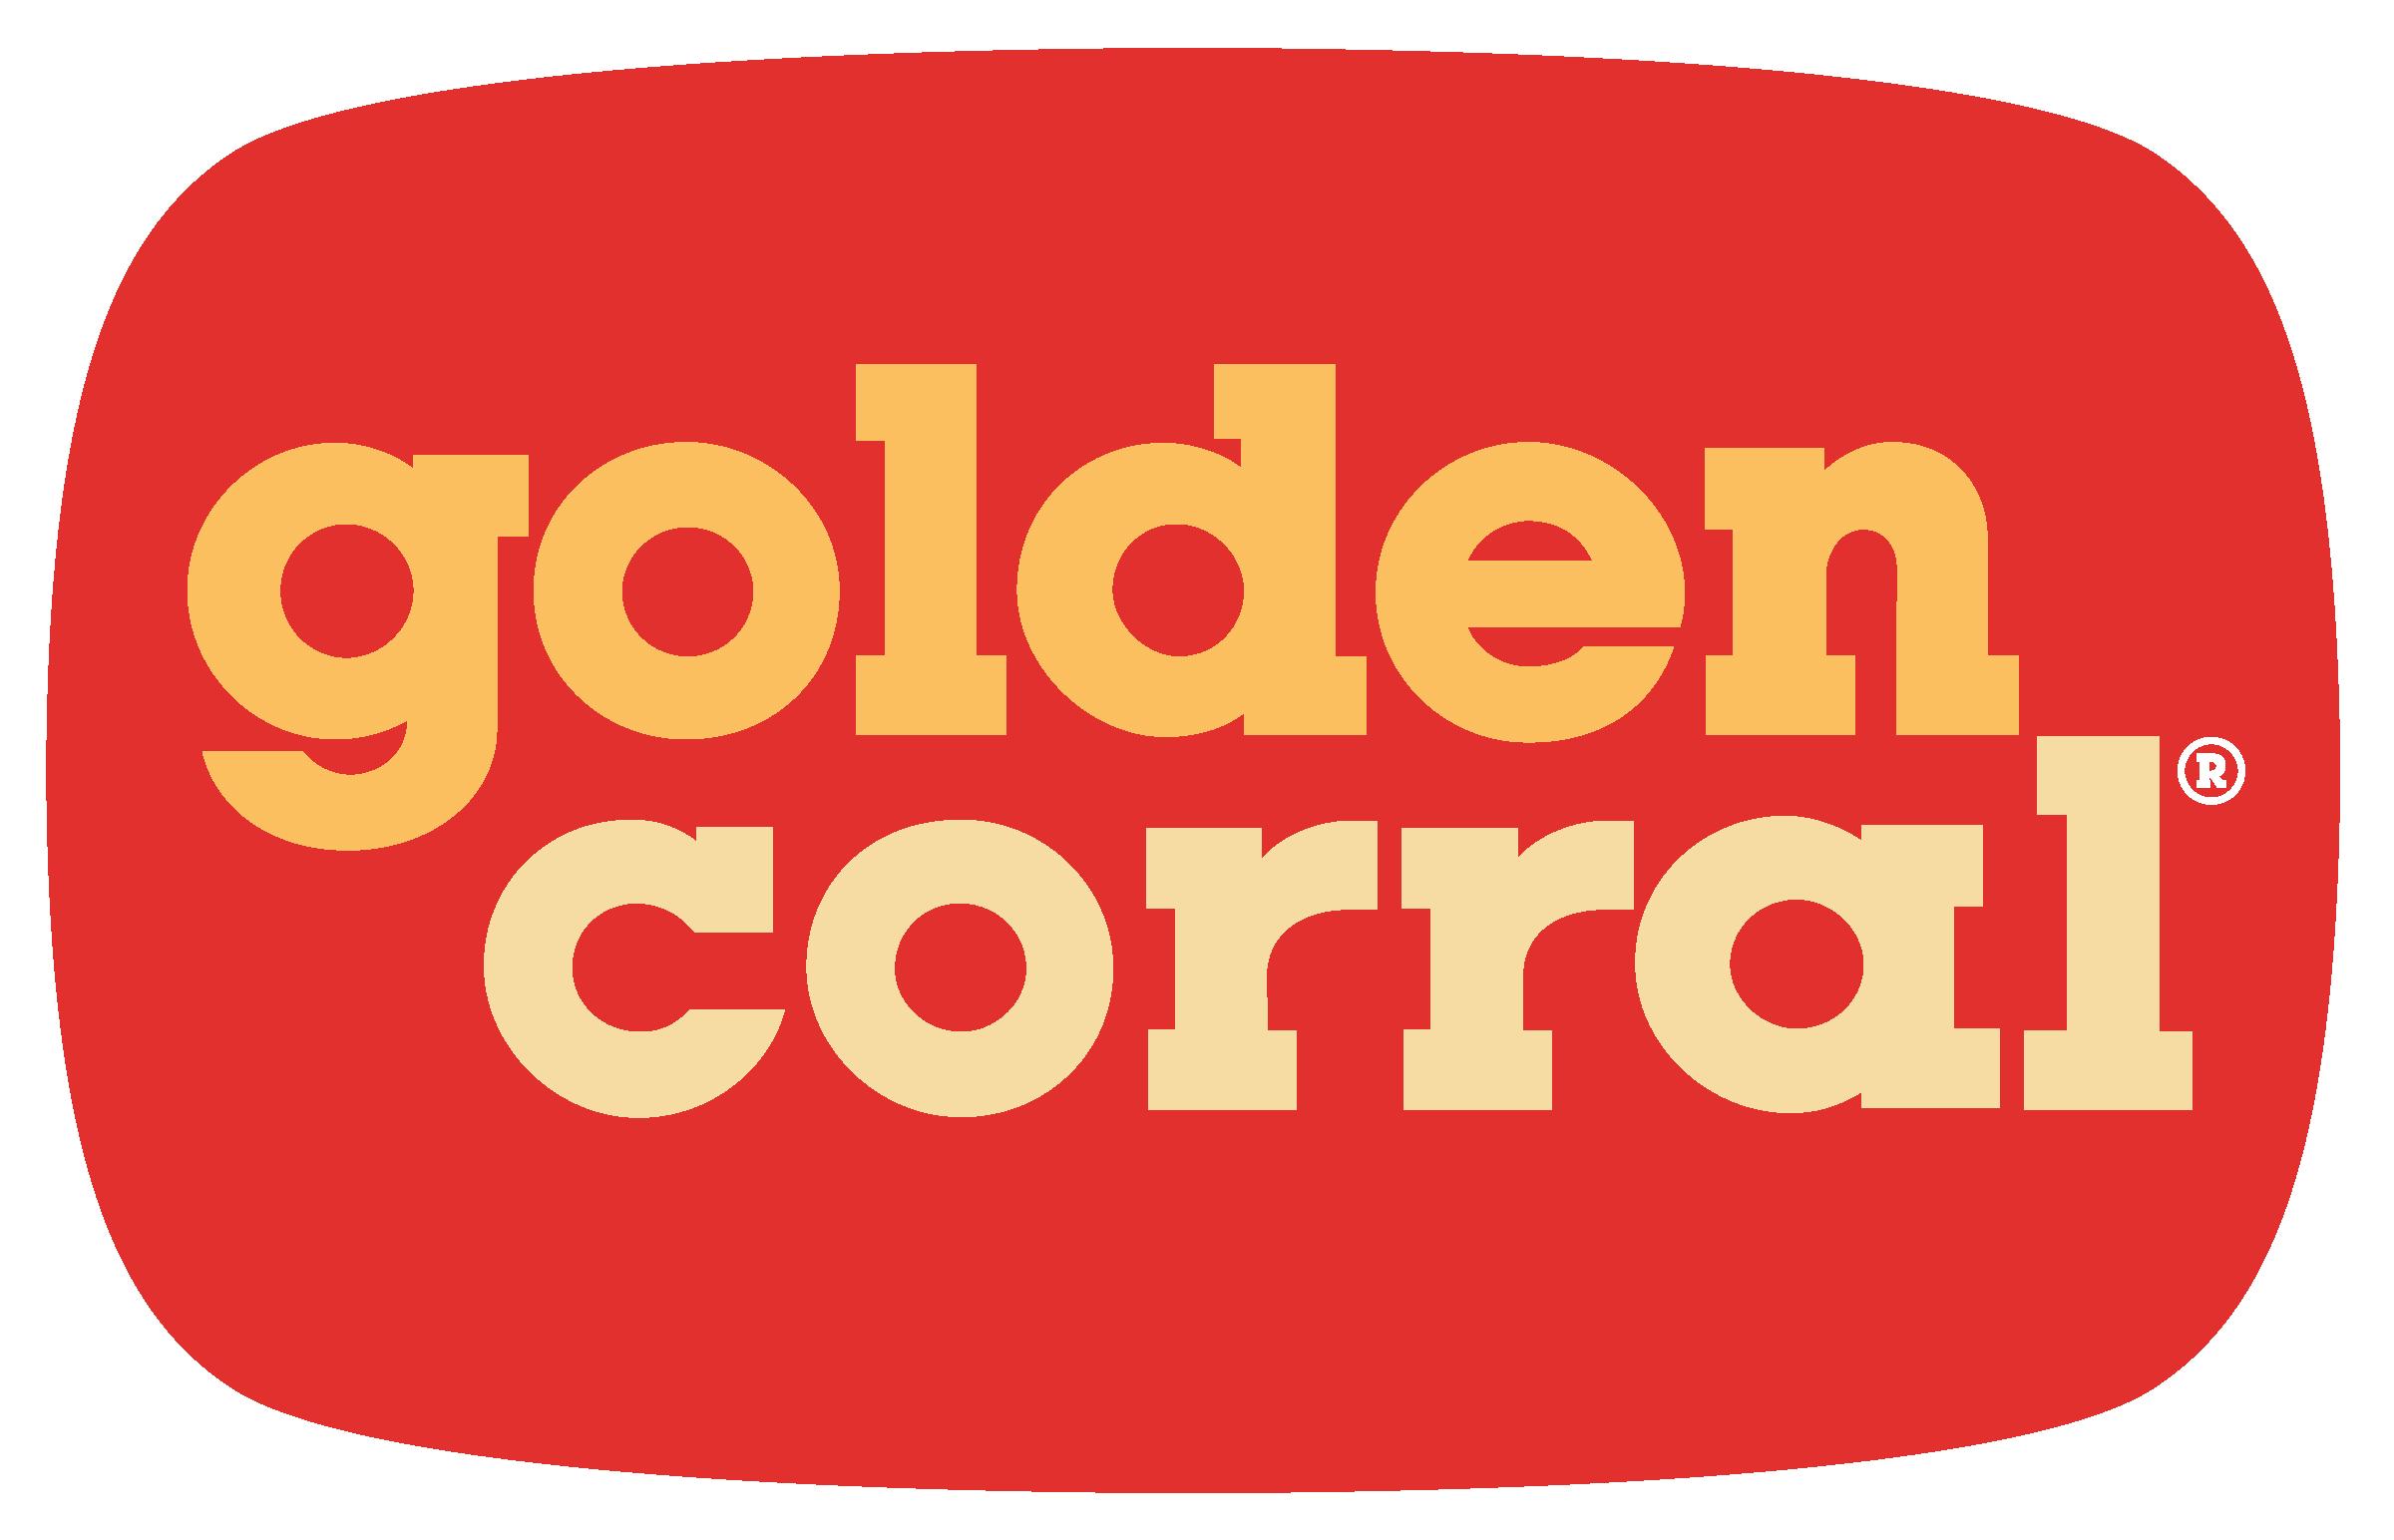 2427919f4 Golden Corral - Wikipedia